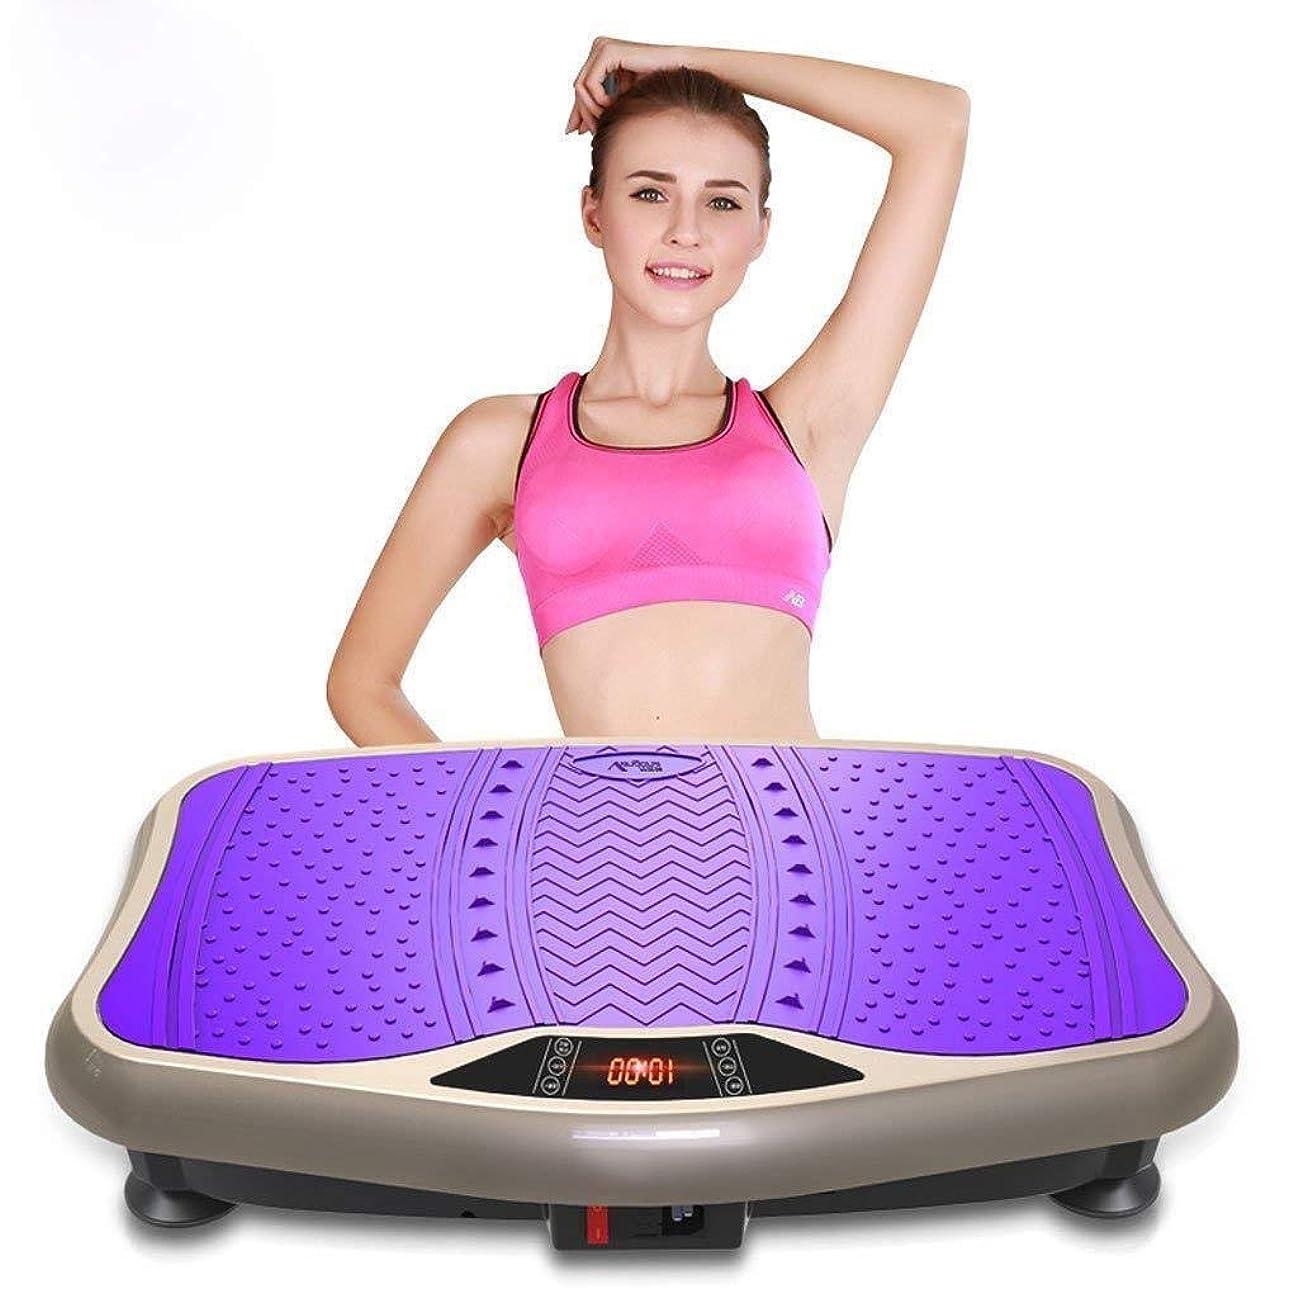 トレード略奪賃金減量装置、多機能フィットネス振動マシン、5モードボディシェークマッサージャー、体重を減らし、体型を整え、過剰な体脂肪を減らすことができます